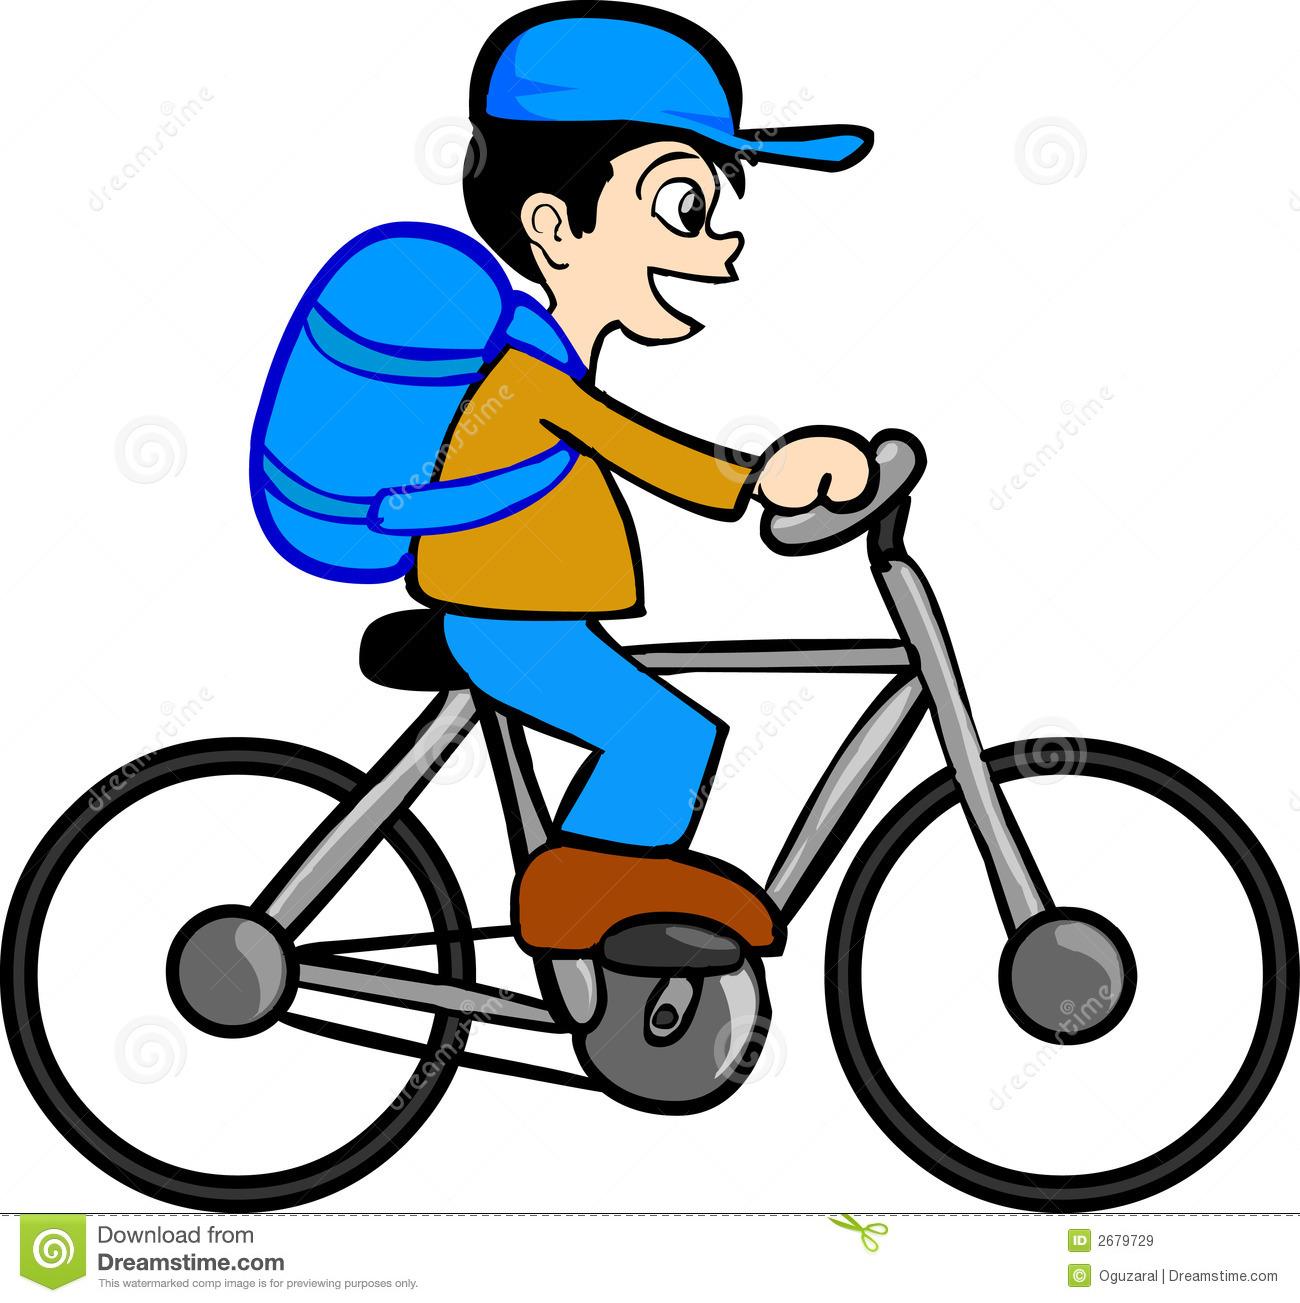 Kind auf fahrrad clipart picture transparent library Karikatur Fahrrad Kind Stock Illustrationen, Vektors, & Klipart ... picture transparent library